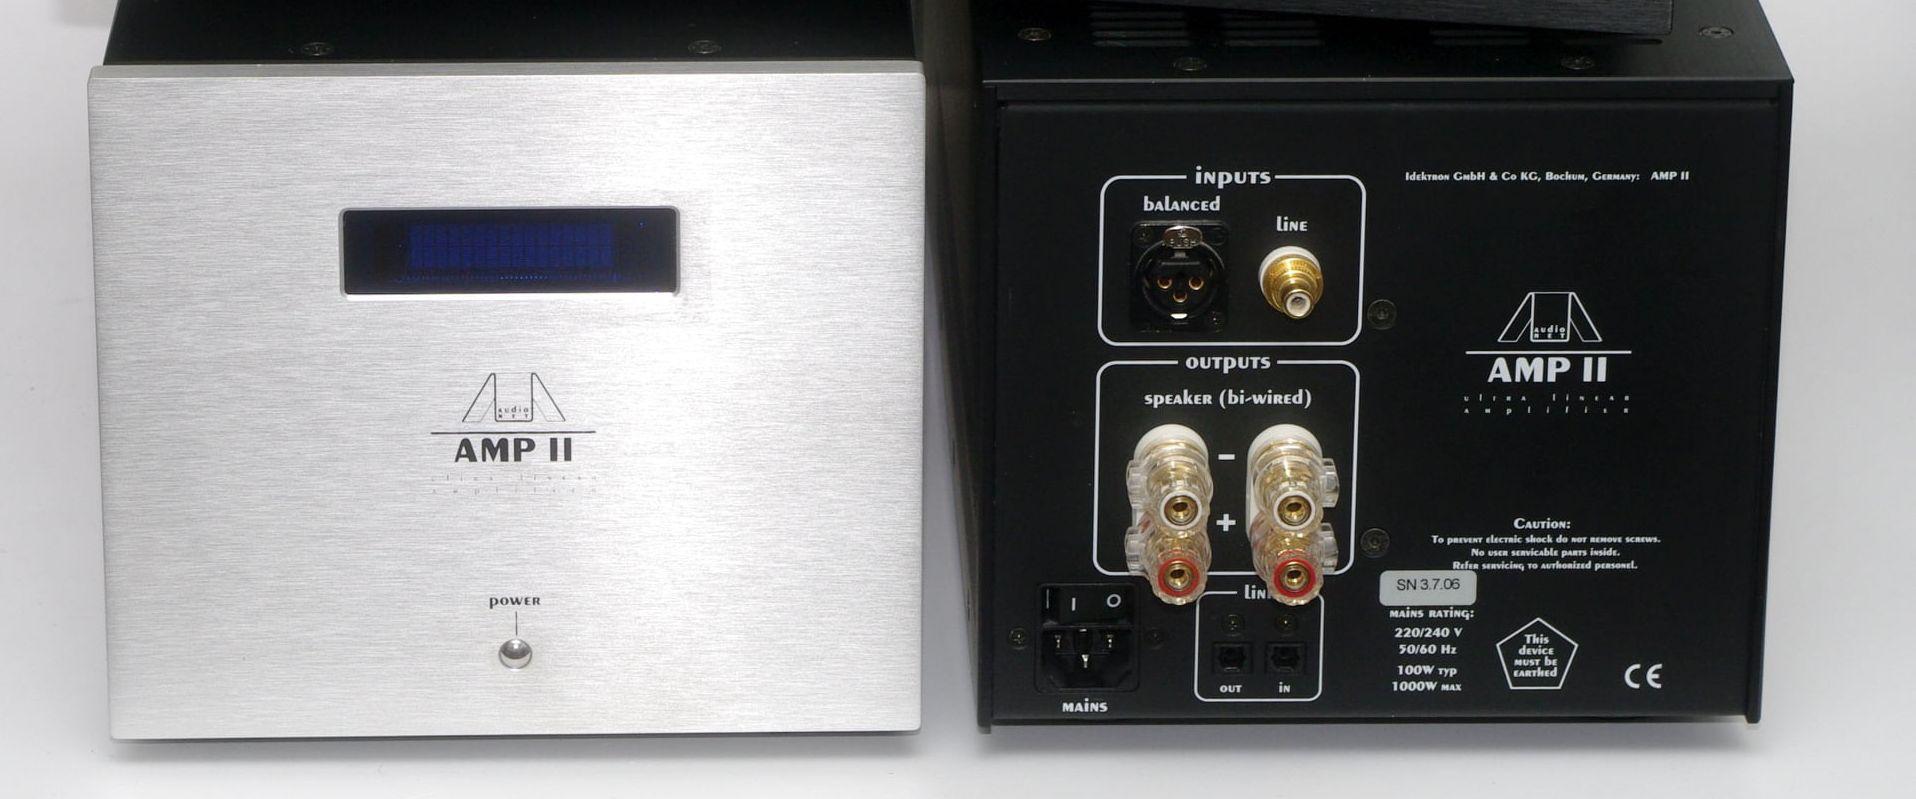 Audionet AMP II